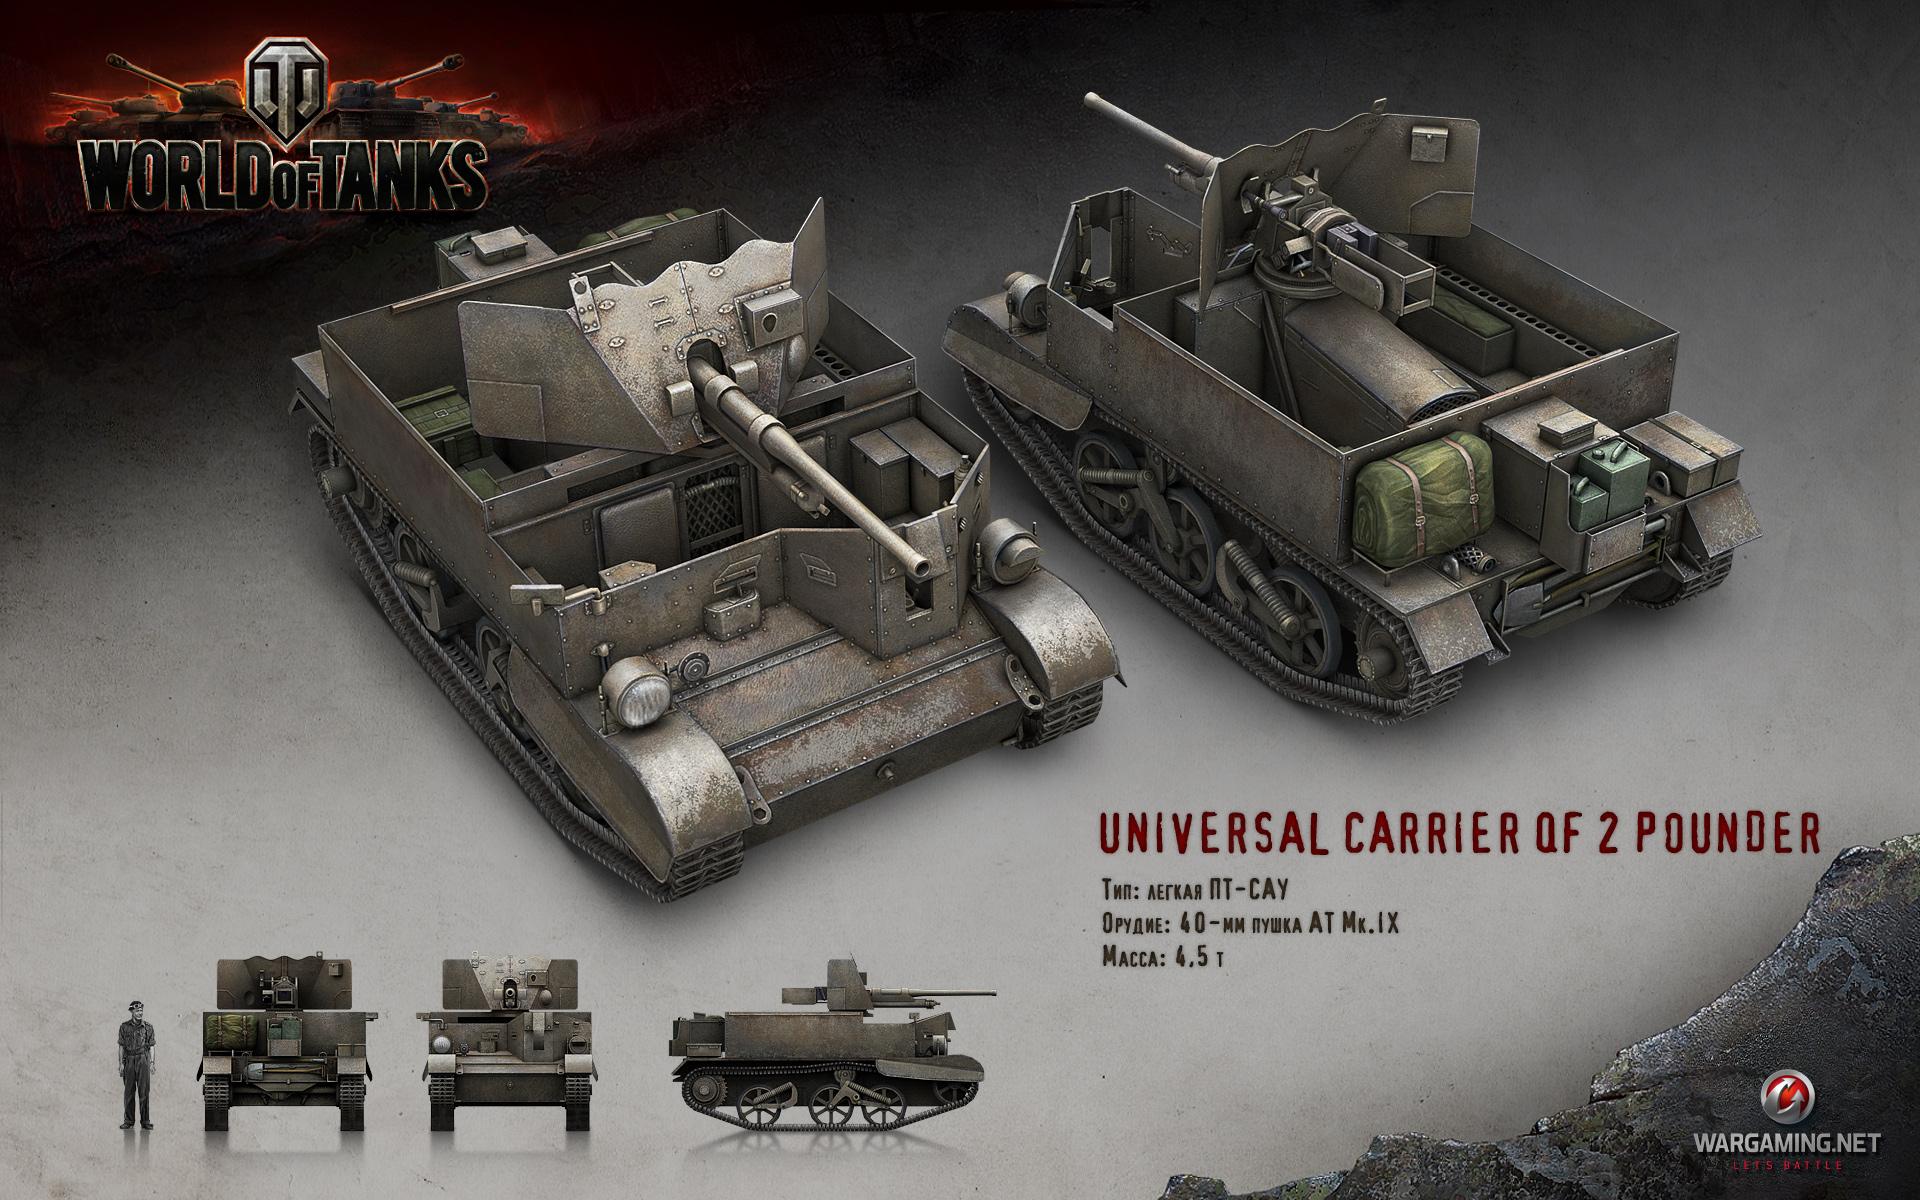 坦克世界8.4版y系td模型图高清壁纸